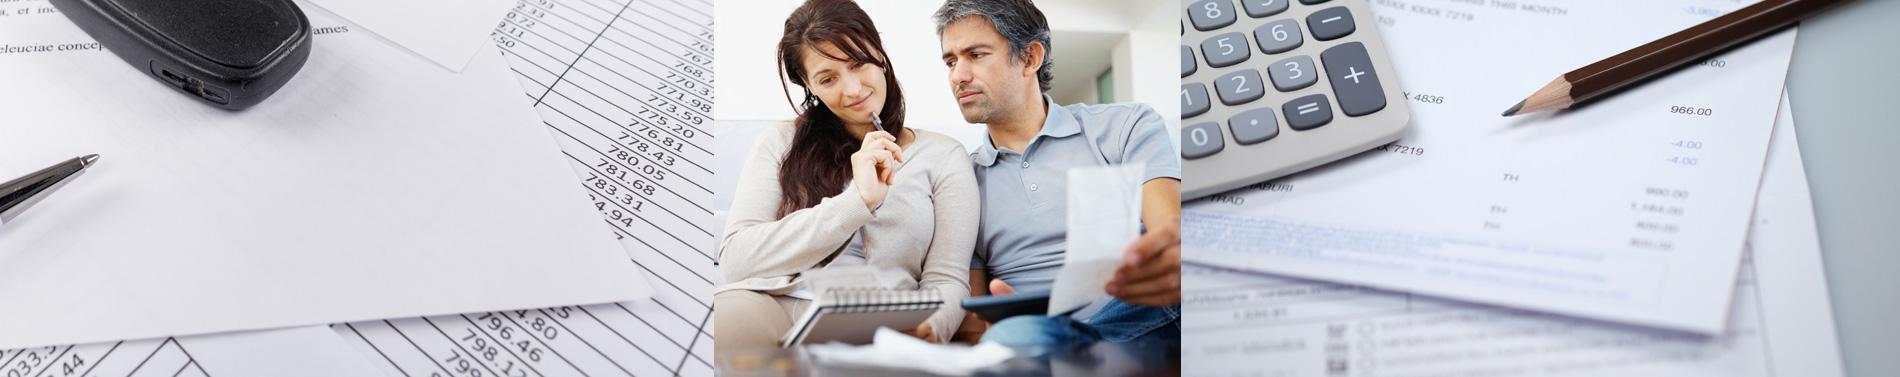 Simulation crédit hypothécaire Belgique